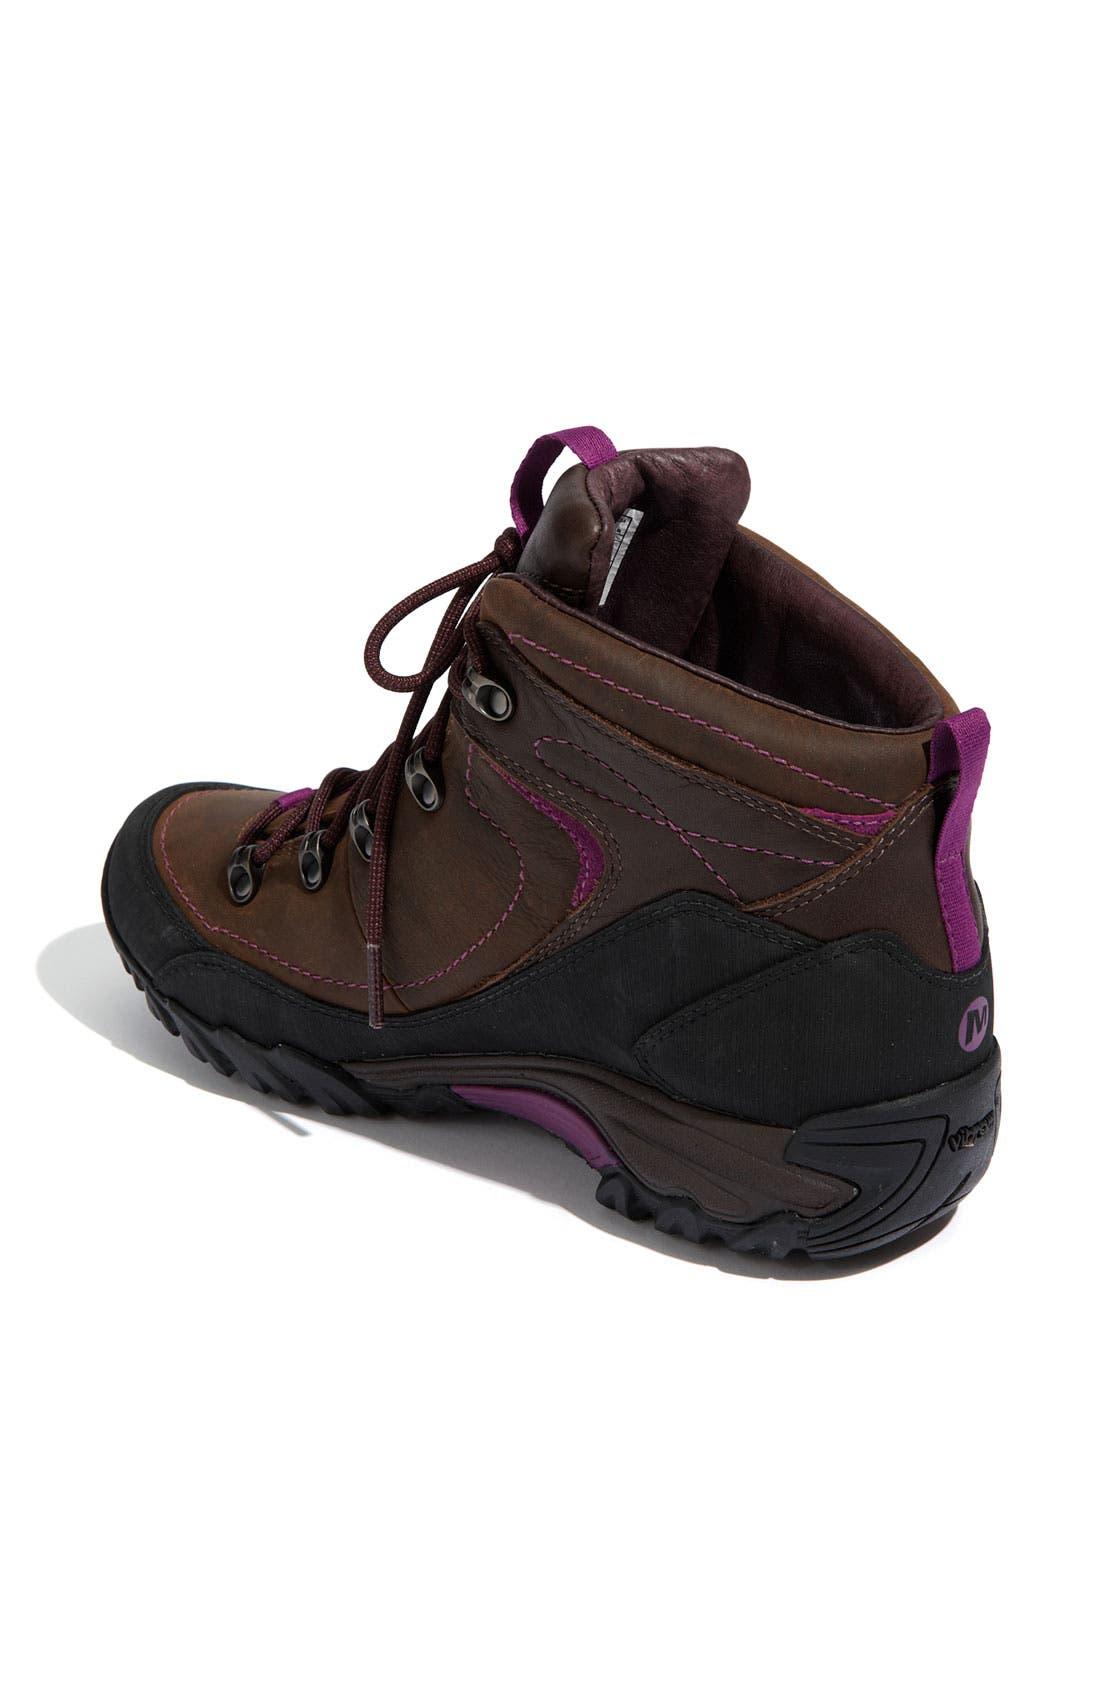 Alternate Image 2  - Merrell 'Chameleon' Trail Shoe (Women)